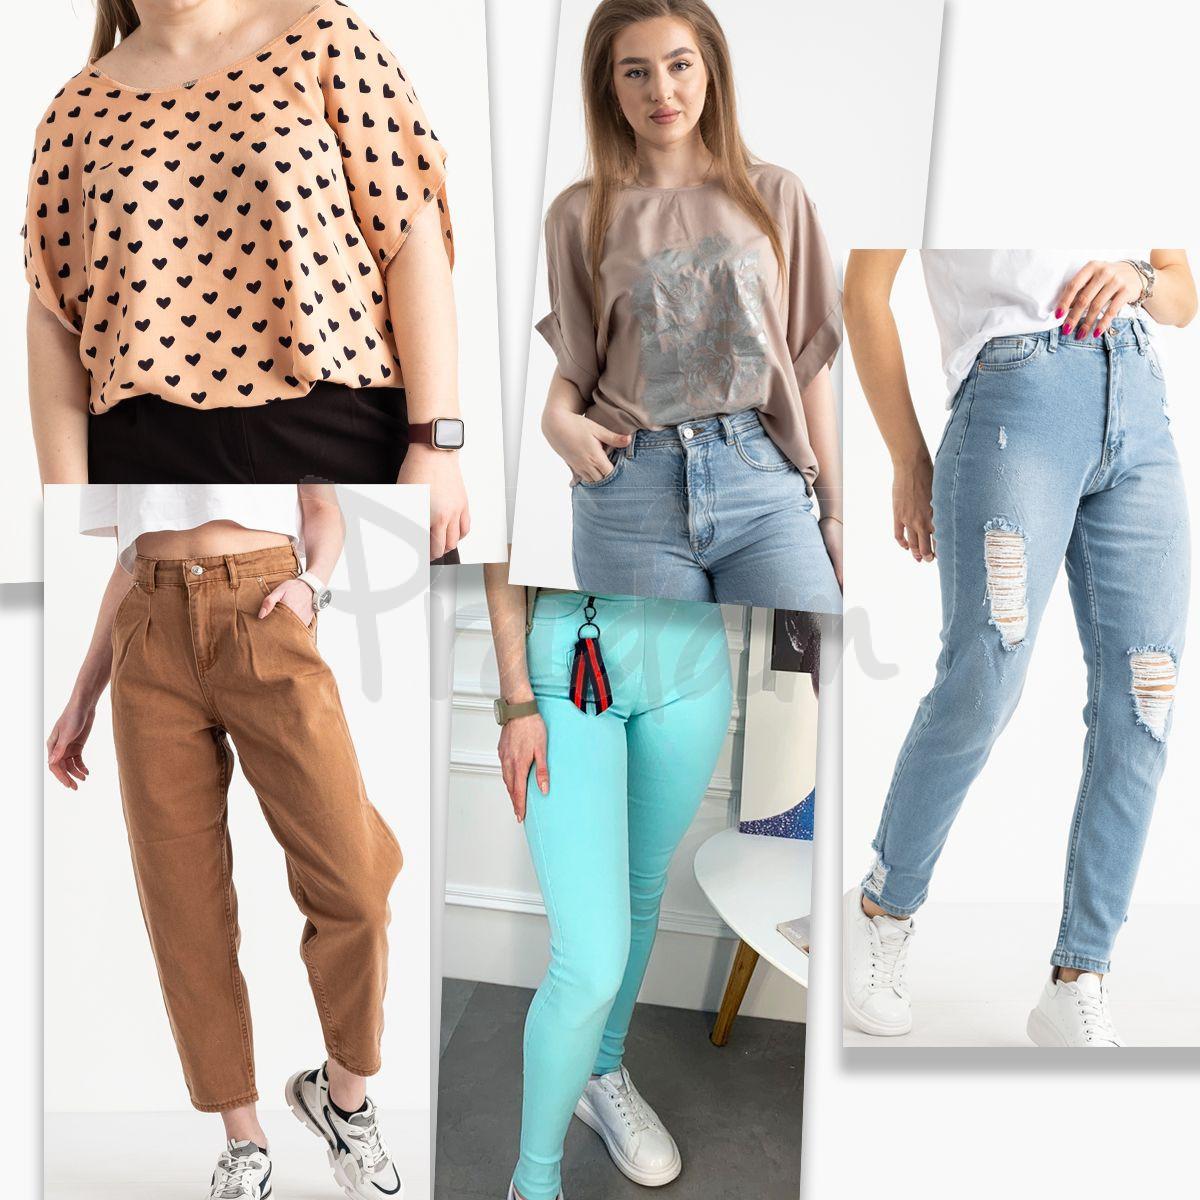 10065 микс женской одежды с дефектами (5 ед.)